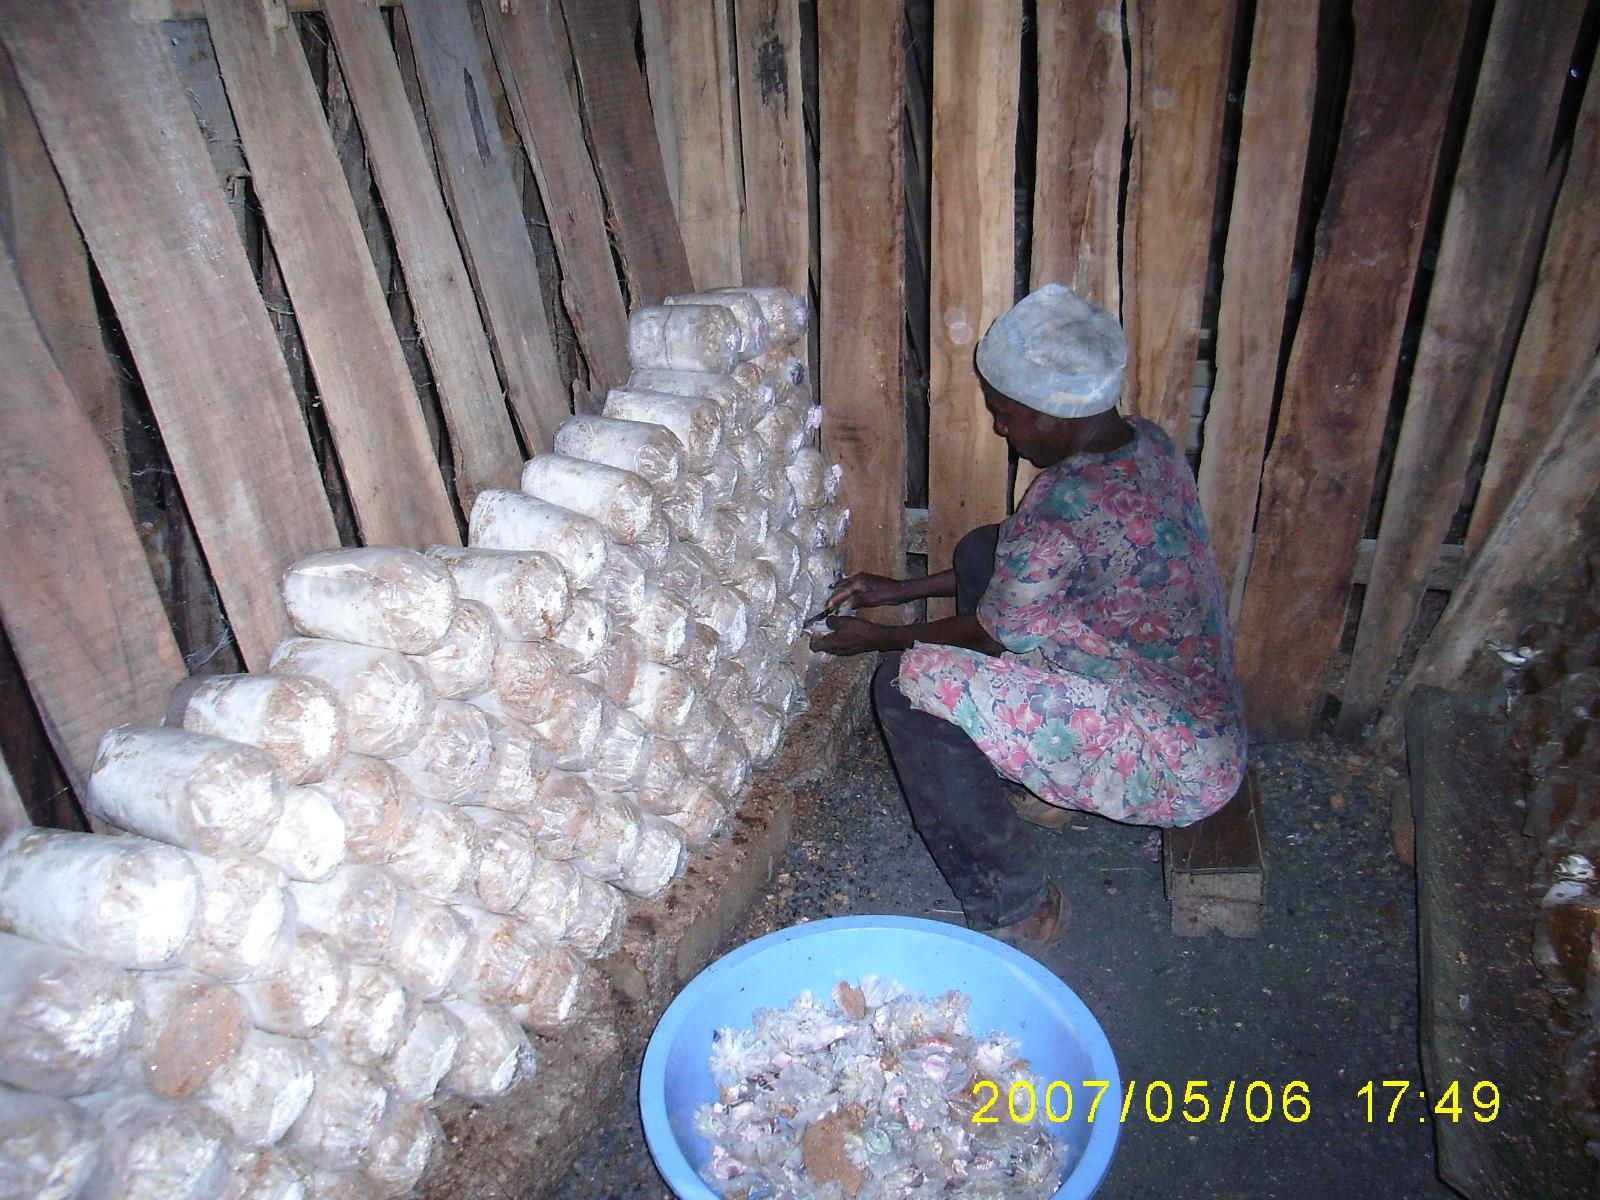 Ghana S Mushroom Crisis Oyster Mushroom Farmers Seek